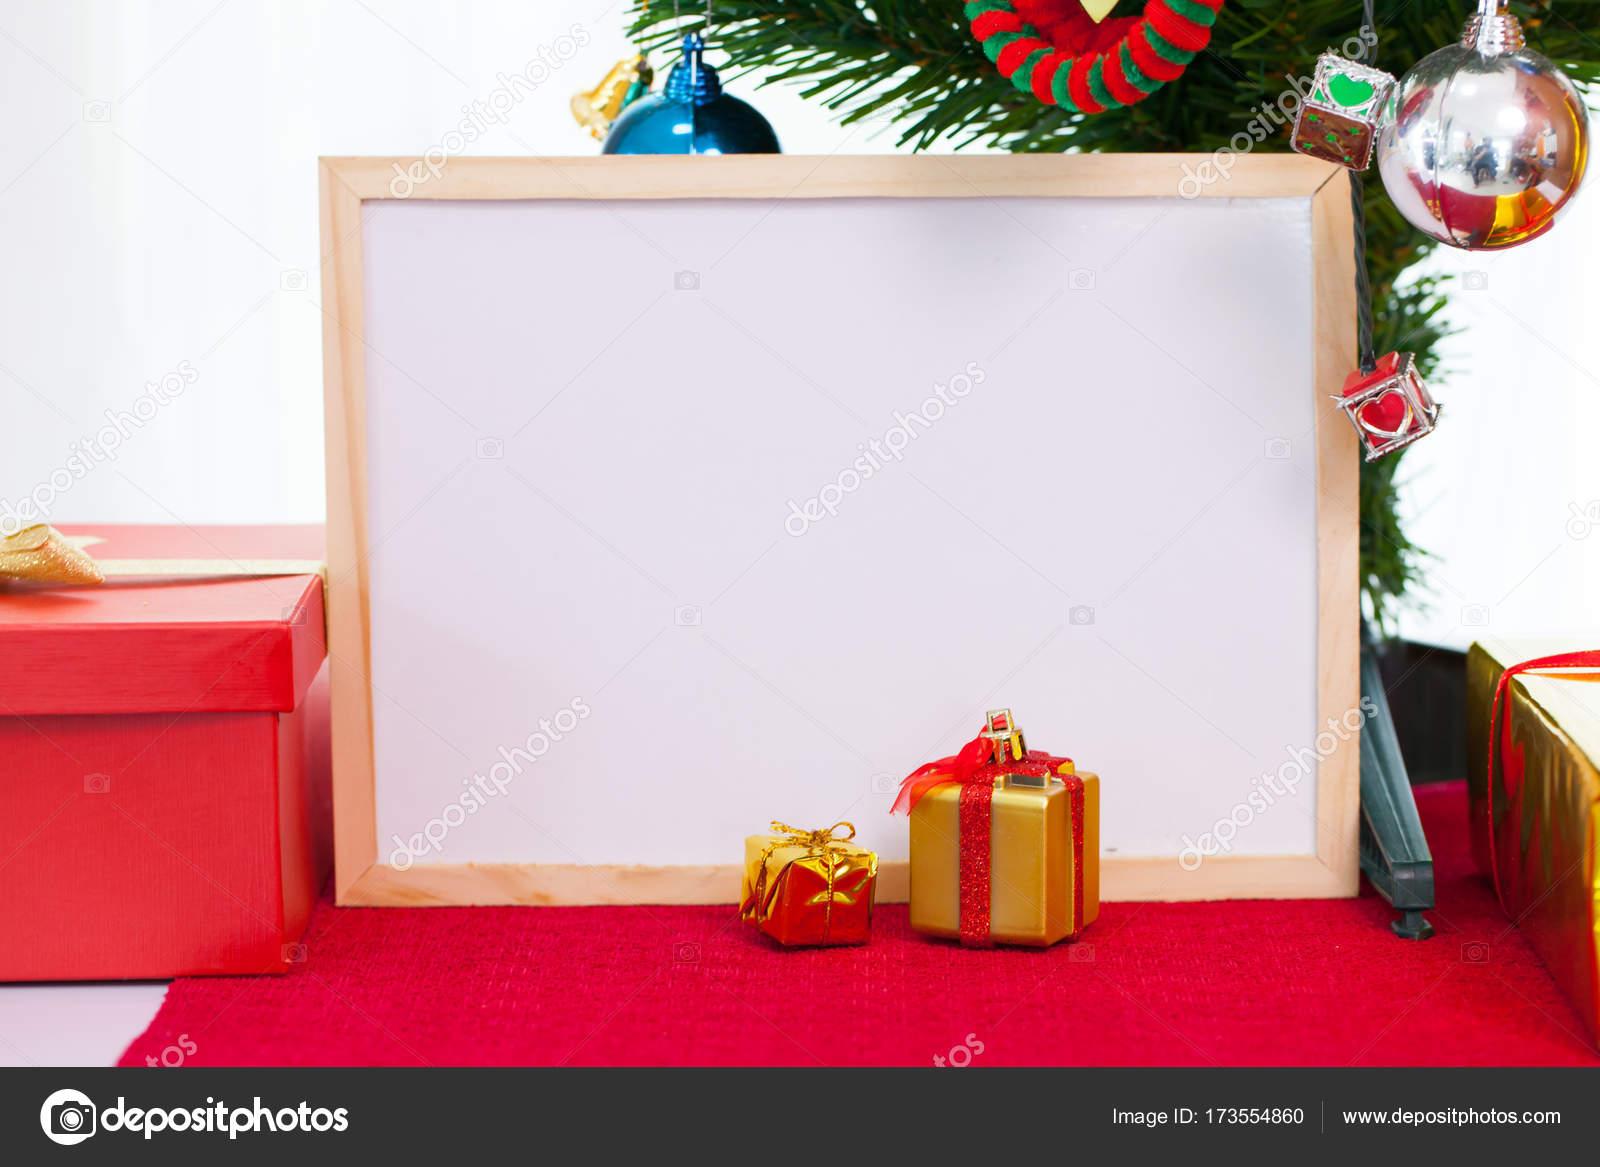 Kerstdecoraties Met Rood : Houten fotolijst met kerstdecoratie op rode loper. rood u2014 stockfoto